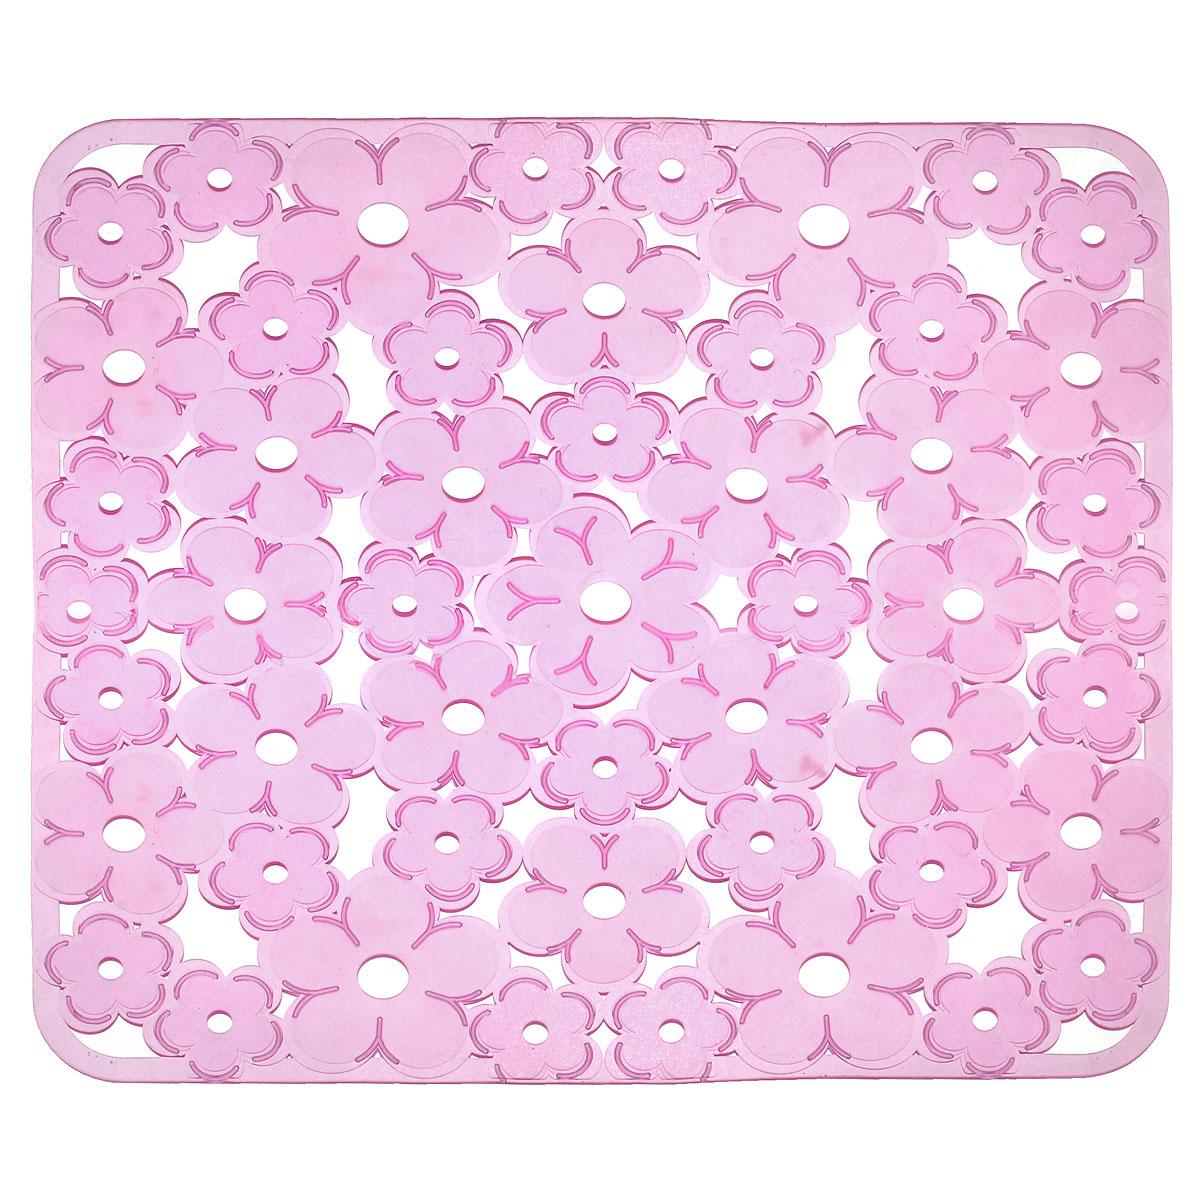 Коврик для раковины Metaltex, цвет: розовый, 32 см х 32 см40970Коврик для раковины Metaltex изготовлен из ПВХ с цветочным рисунком. Коврик имеет квадратную форму, поэтому прекрасно подойдет для любых раковин. Такой коврик защитит вашу посуду во время мытья, а также предотвратит засор труб, задерживая остатки пищи. Товар сертифицирован.